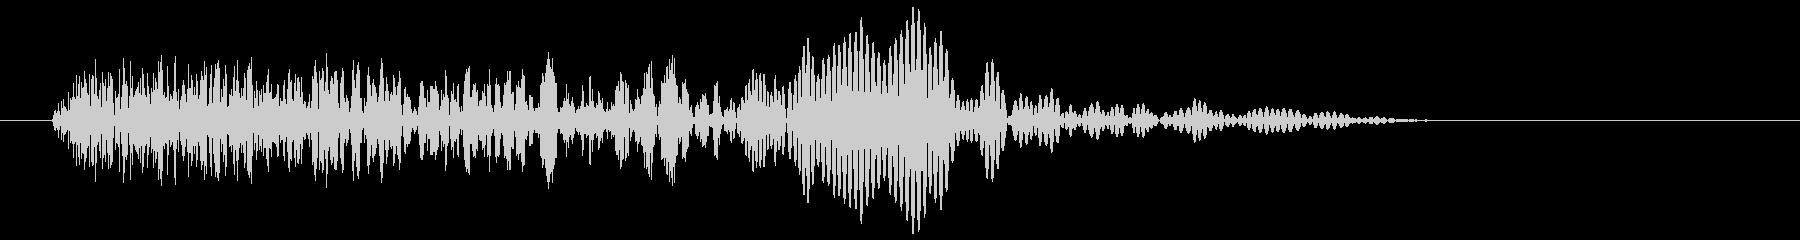 シュン(近未来のワープ音)の未再生の波形